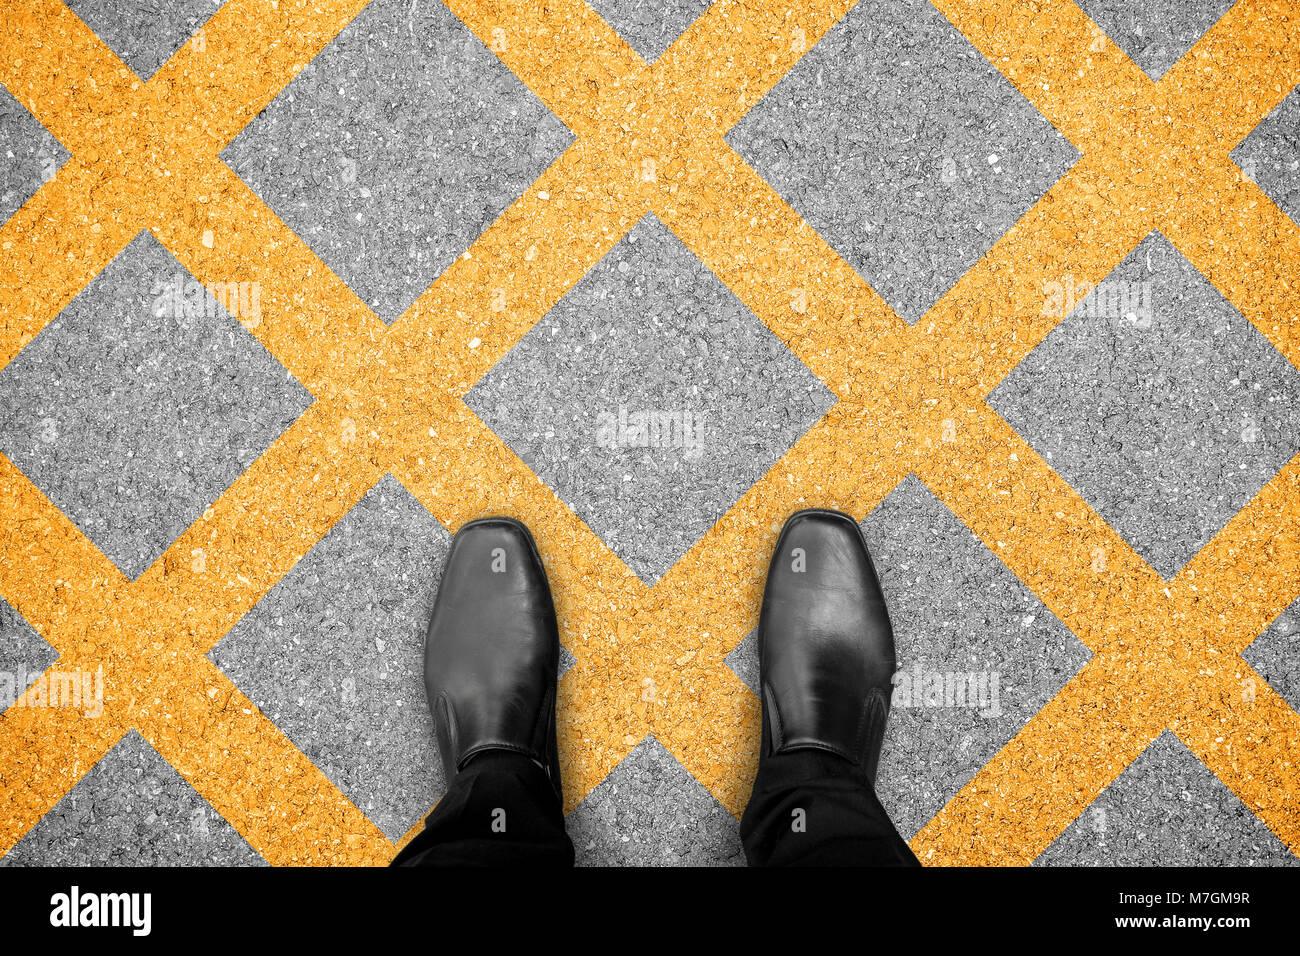 premium selection 59784 33ebb Schwarze Schuhe stehen keine Parkplätze. Criss-cross gelbe ...